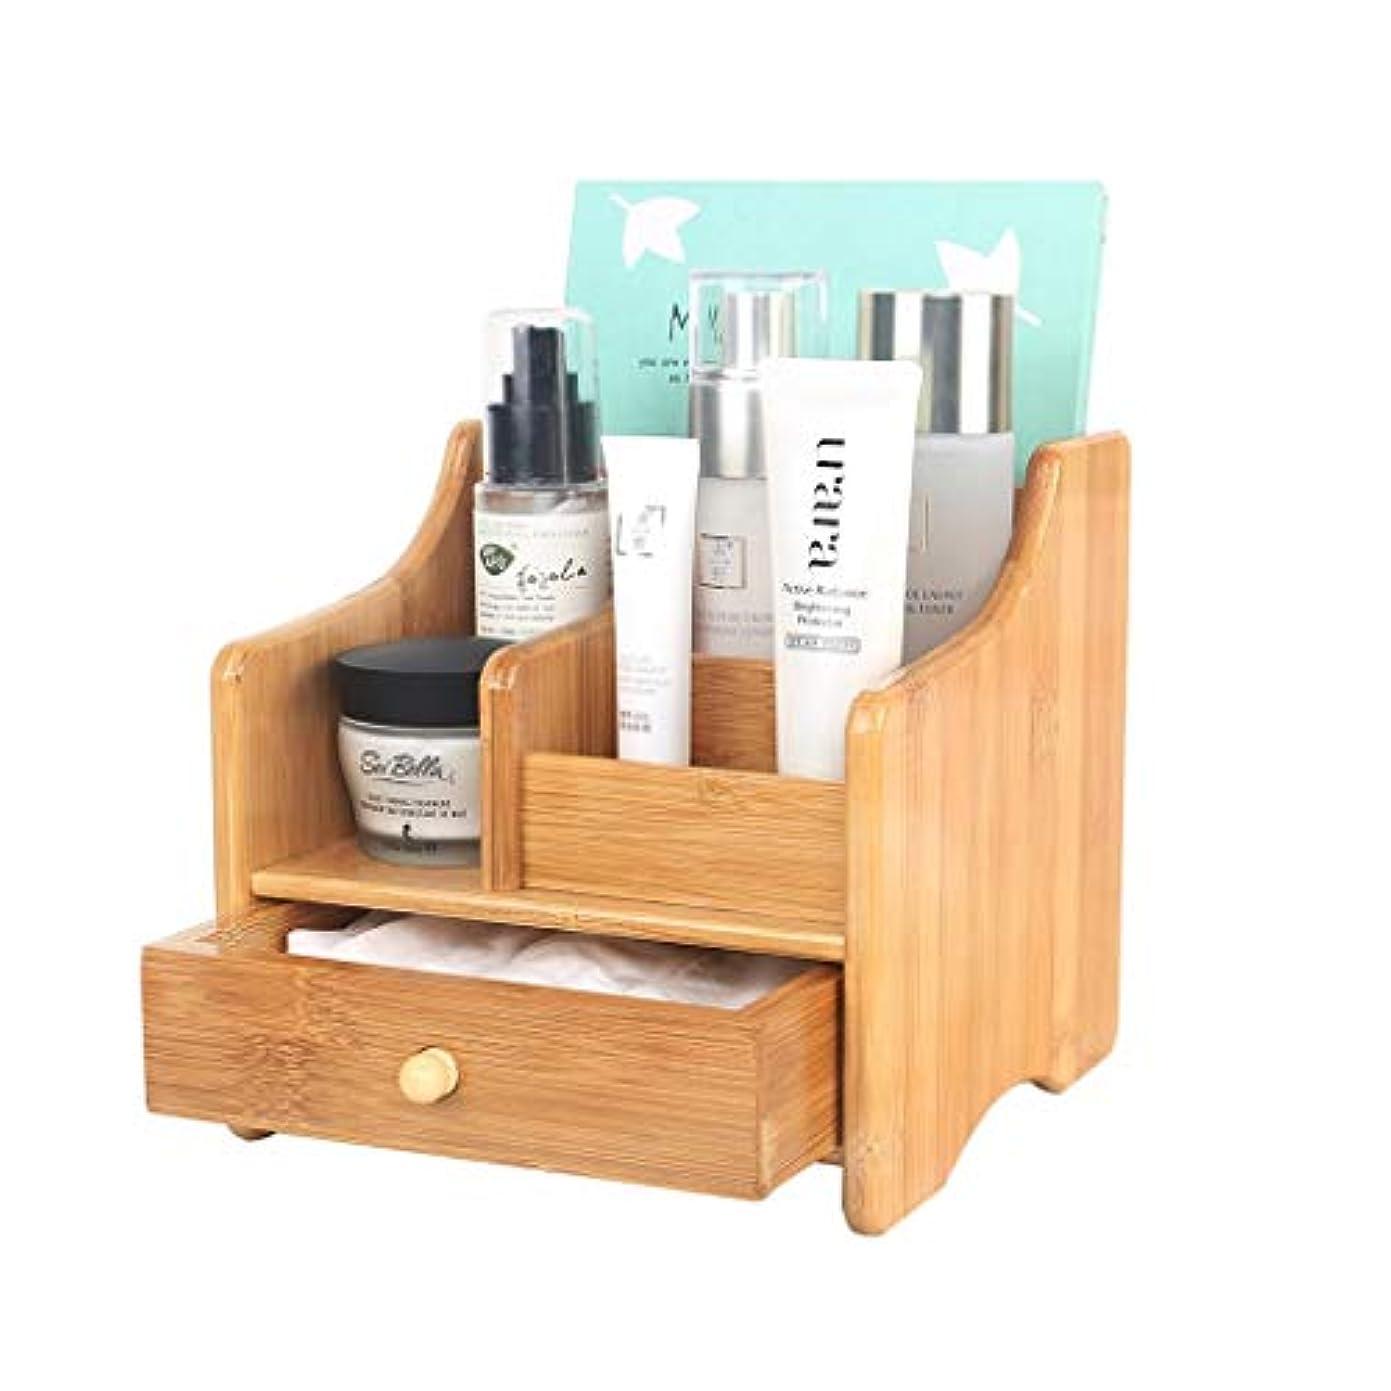 リングバックハーブスリル化粧品収納ボックス木製引き出しタイプシンプル収納ラックホームスキンケア製品